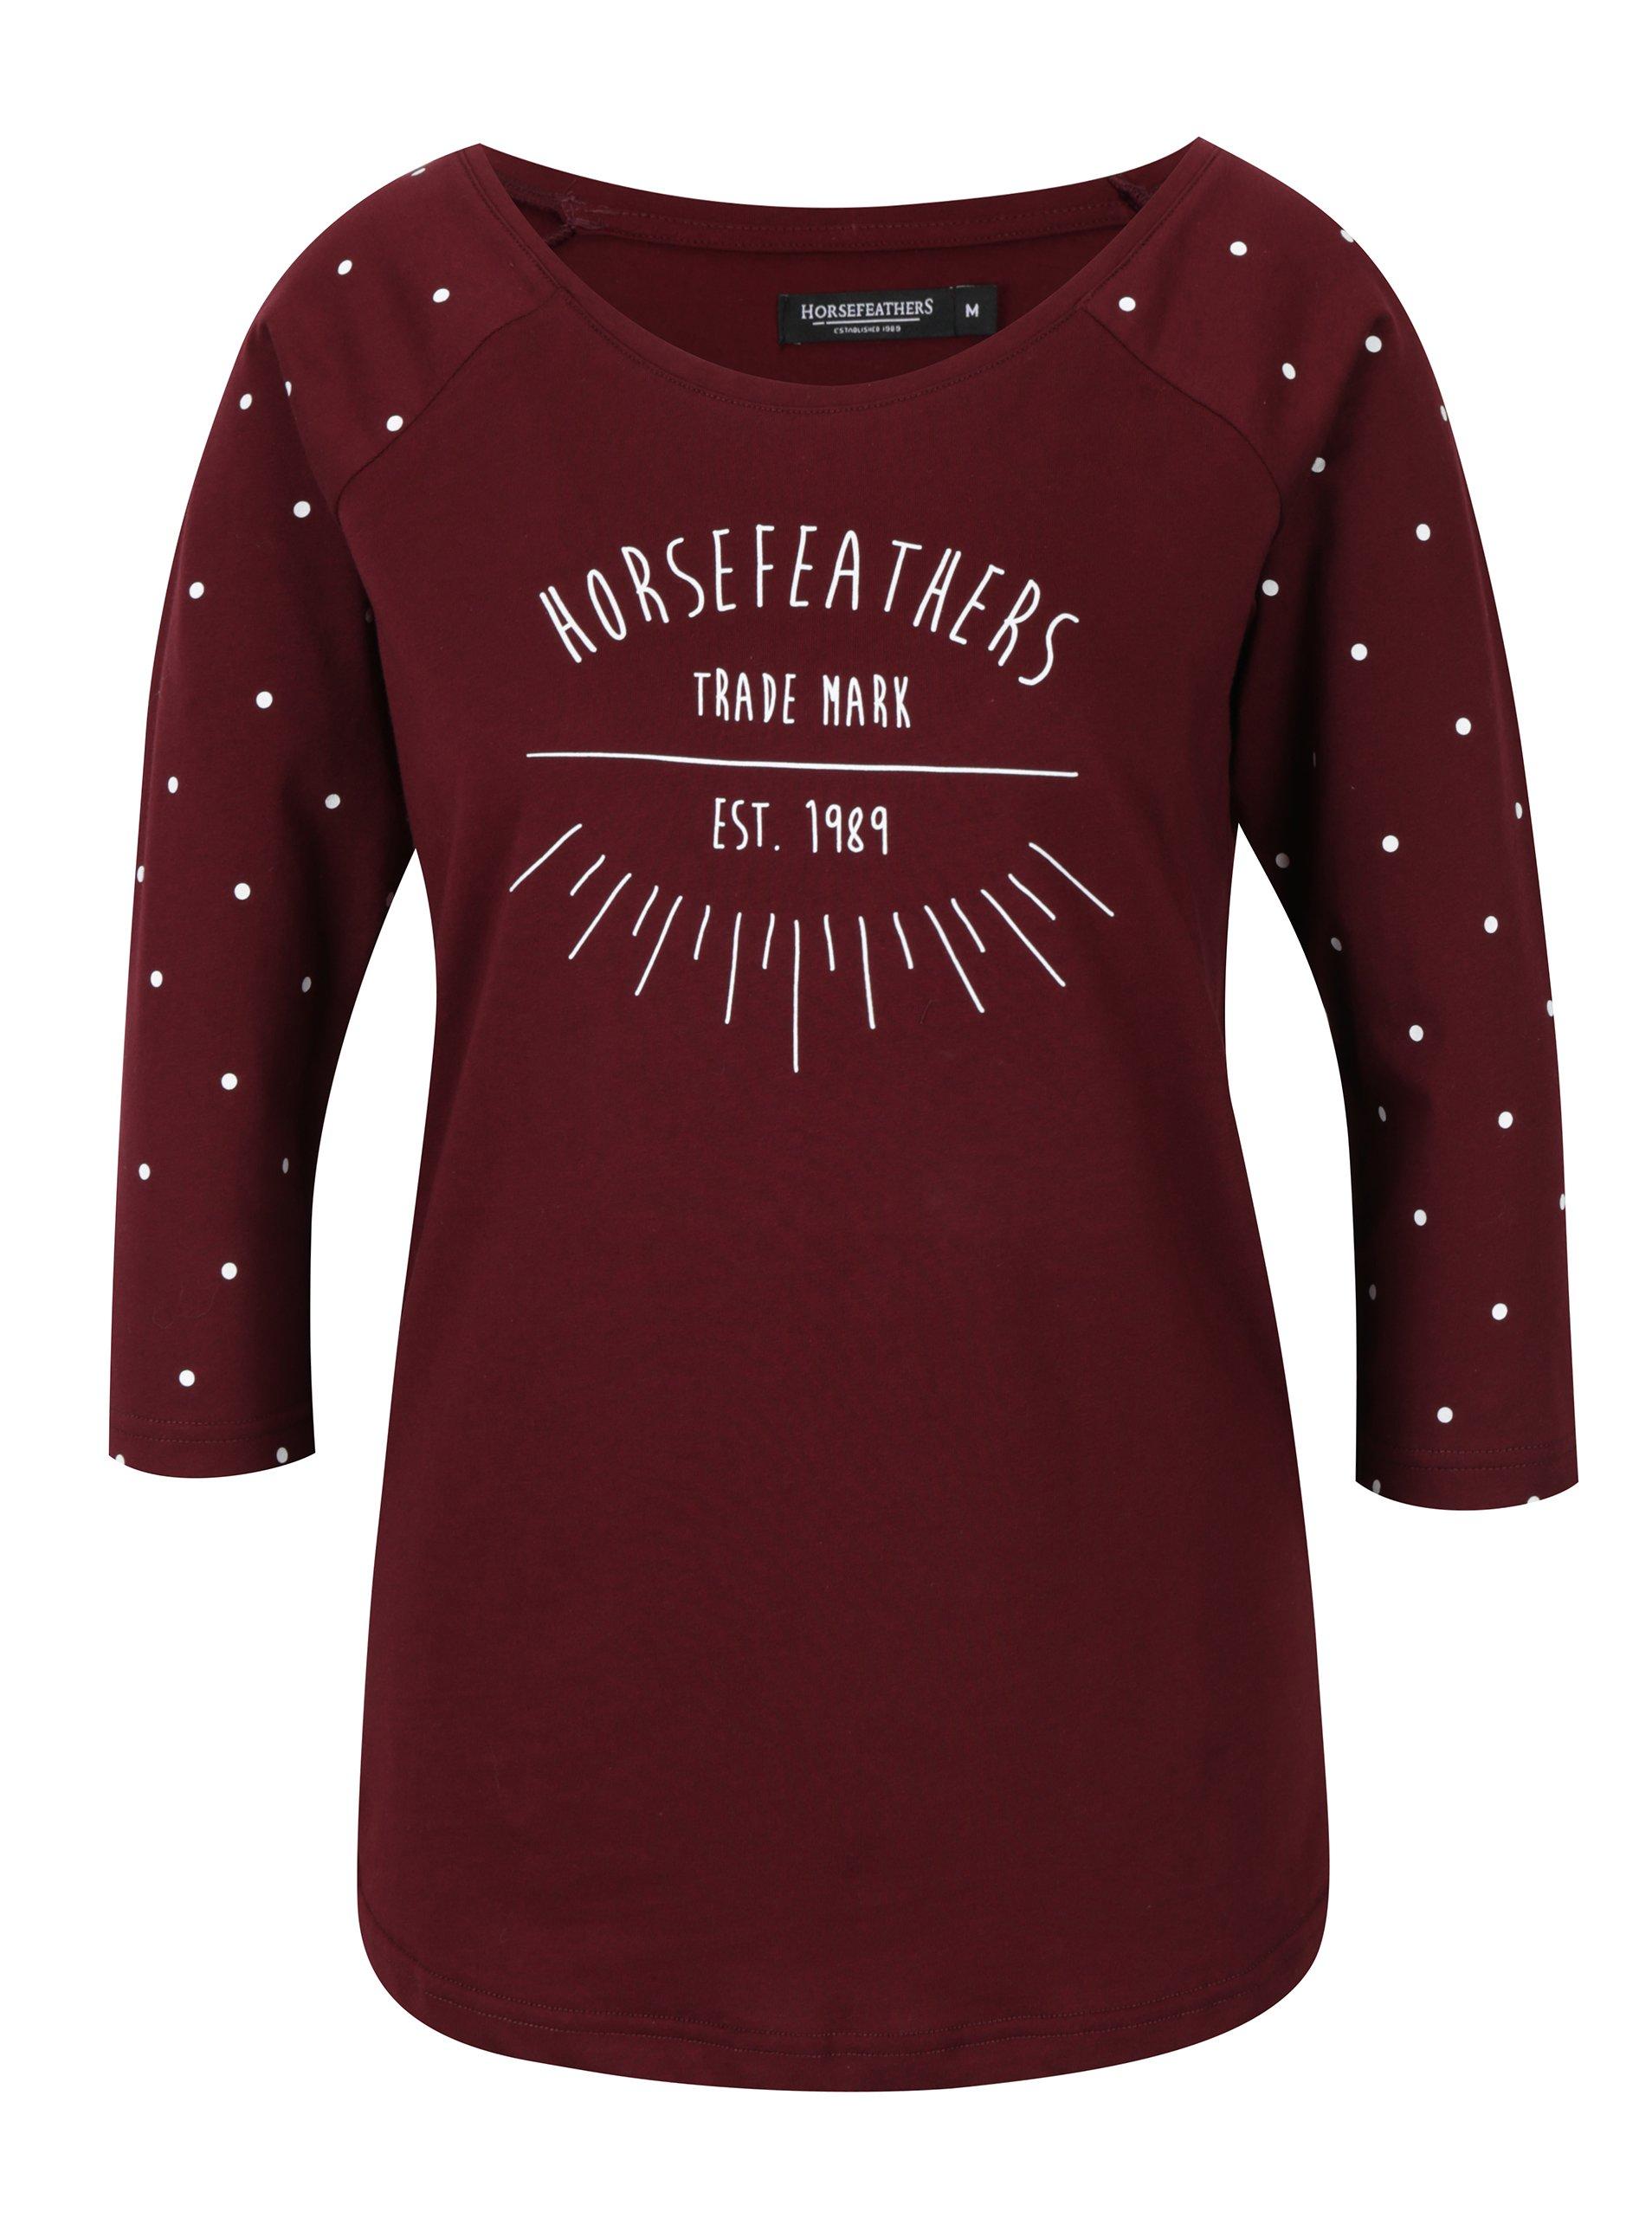 Vínové dámské tričko s 3/4 rukávem a potiskem Horsefeathers Togo